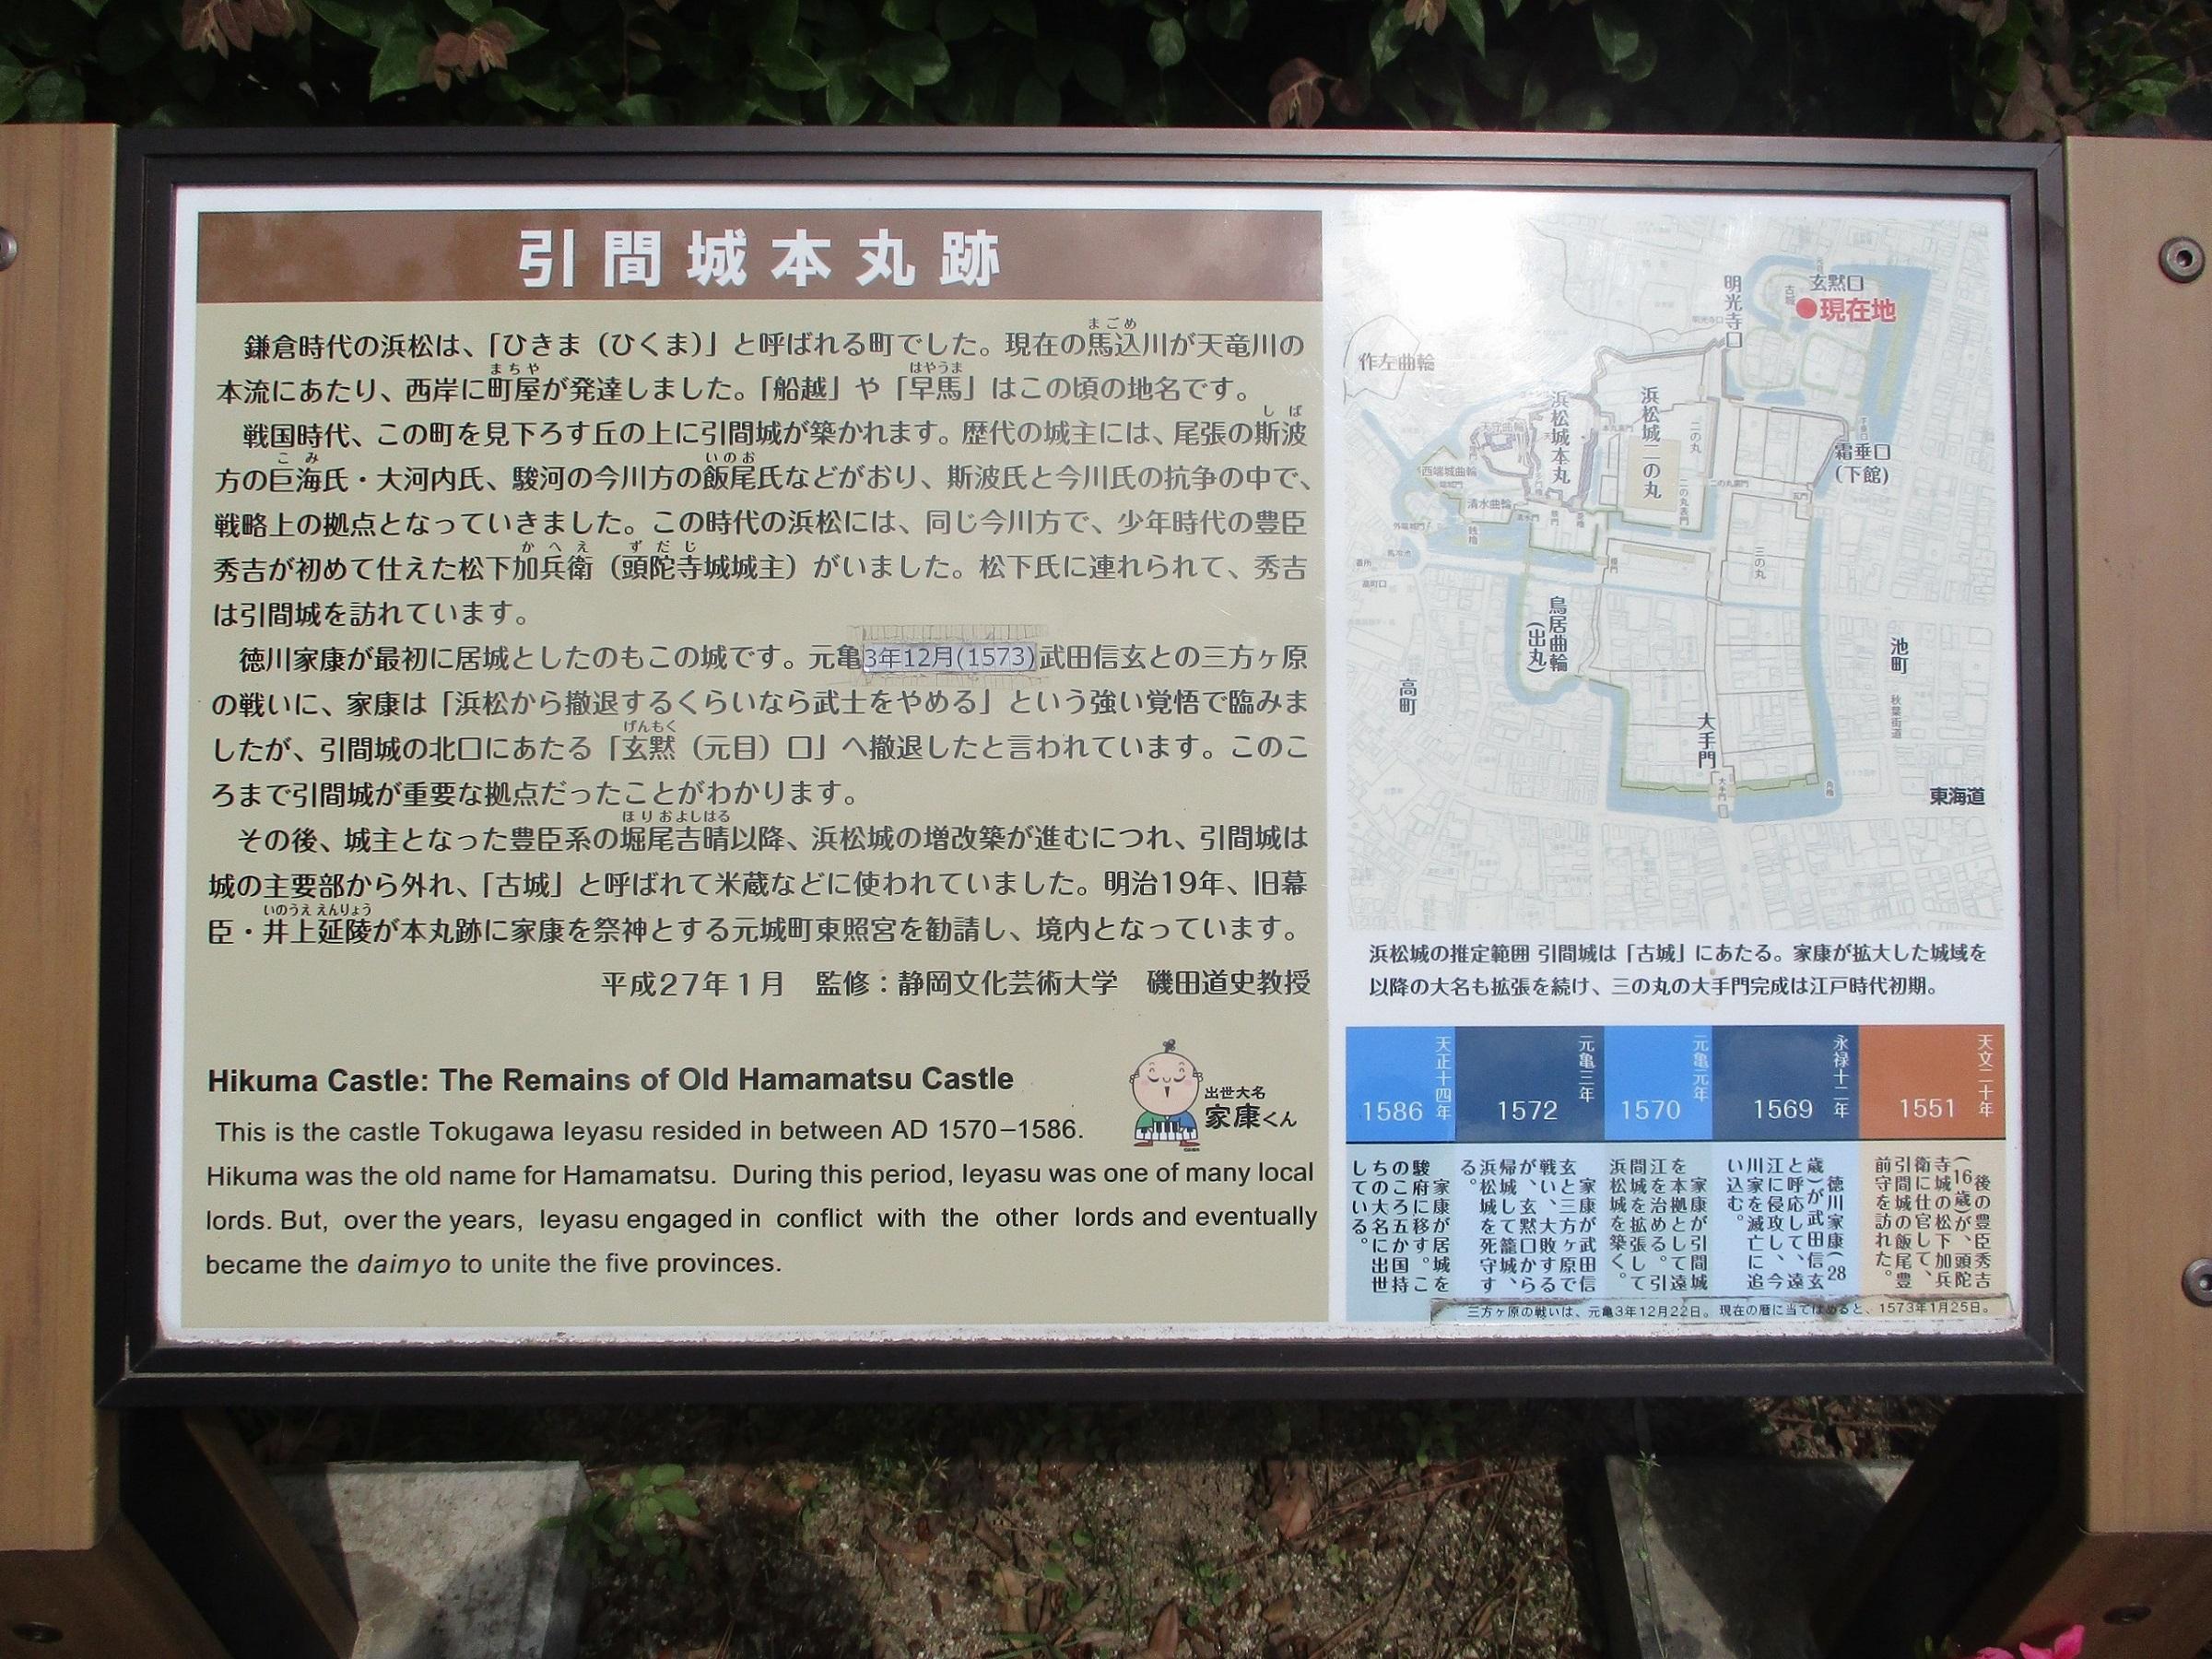 2020.6.4 (32) 元城町東照宮 - 引間城本丸あと説明がき 2400-1800